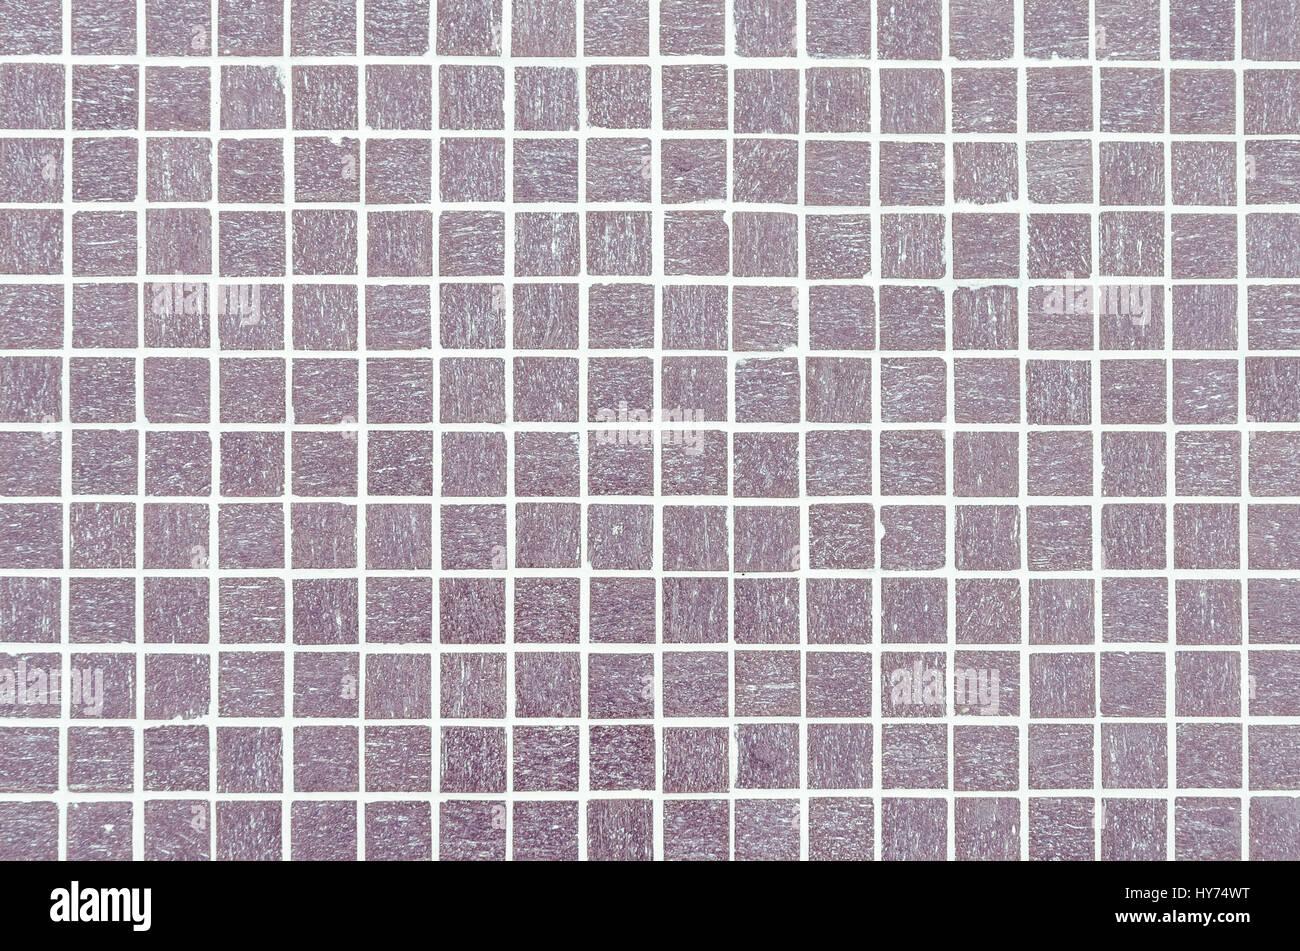 Piastrelle Bagno Mosaico Viola viola di piastrelle a mosaico texture con riempimento bianco